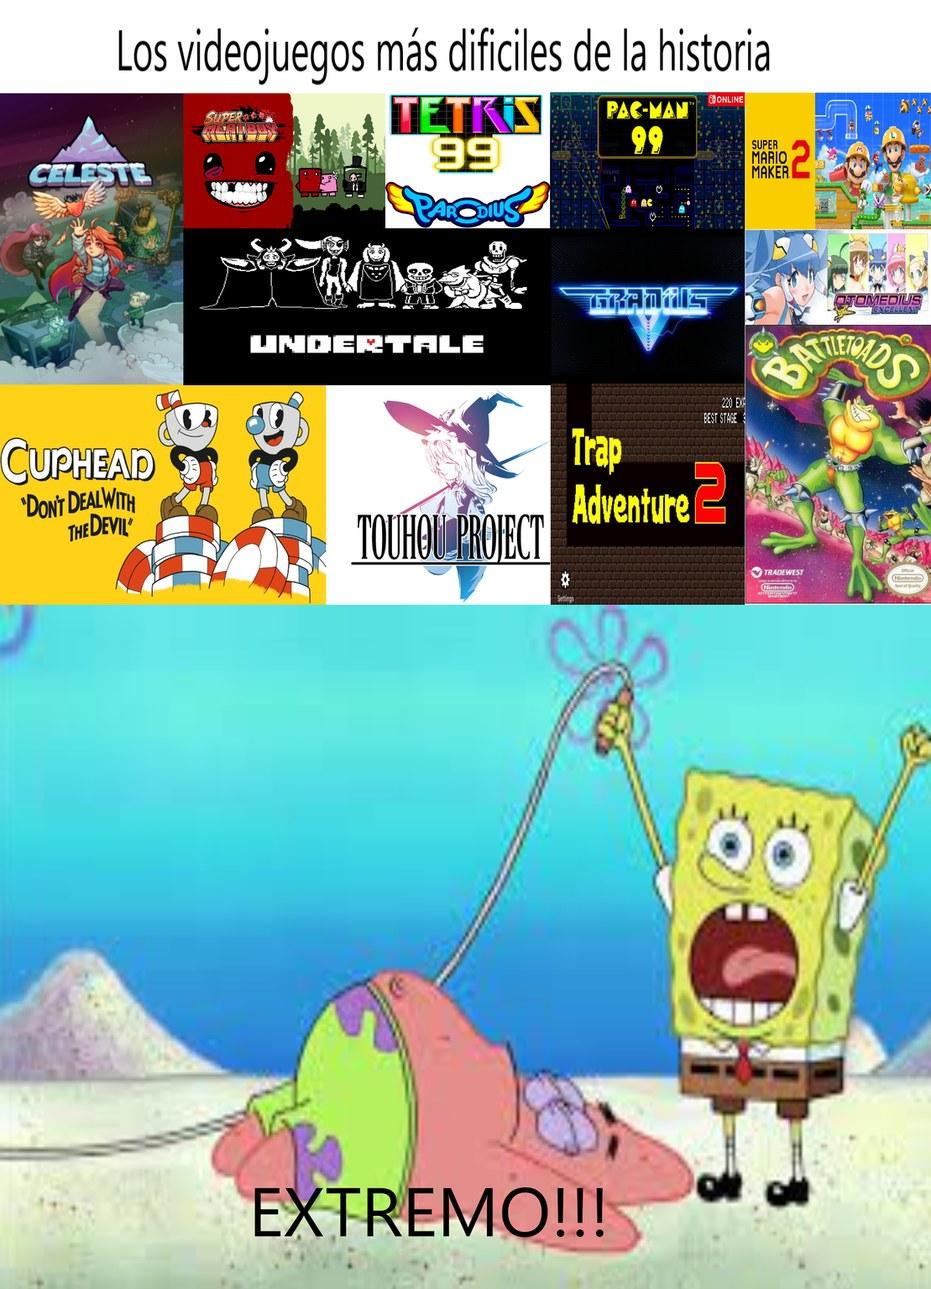 Los videojuegos más Dificiles son EXTREMO!!! - meme